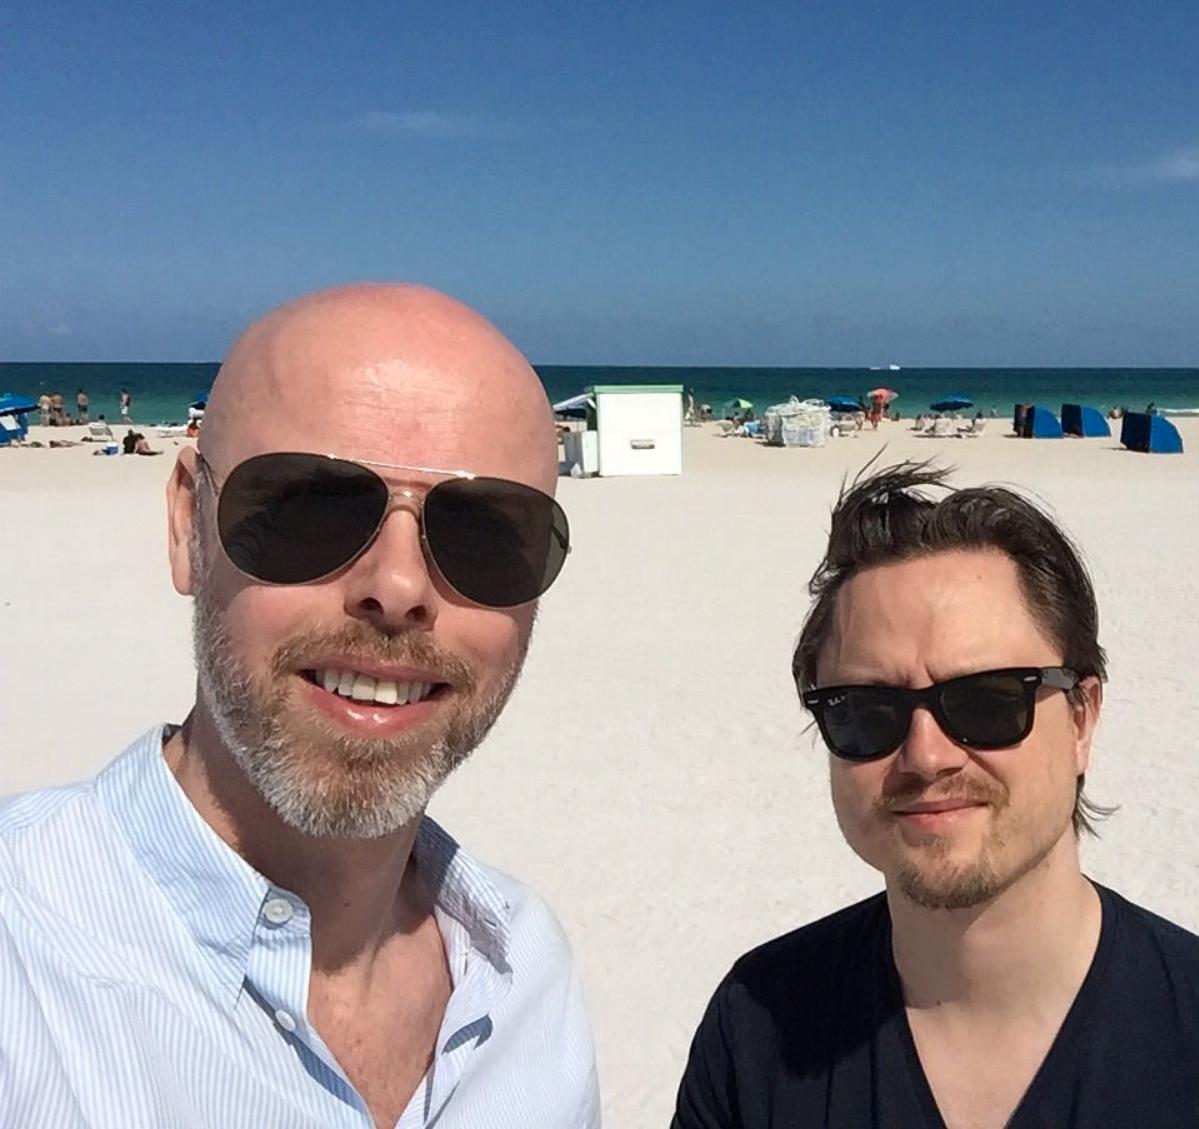 Två muppar på en strand. Anders Nunstedt och Markus Larsson på South Beach i Miami i samband med Beyoncés turnépremiär 2016.